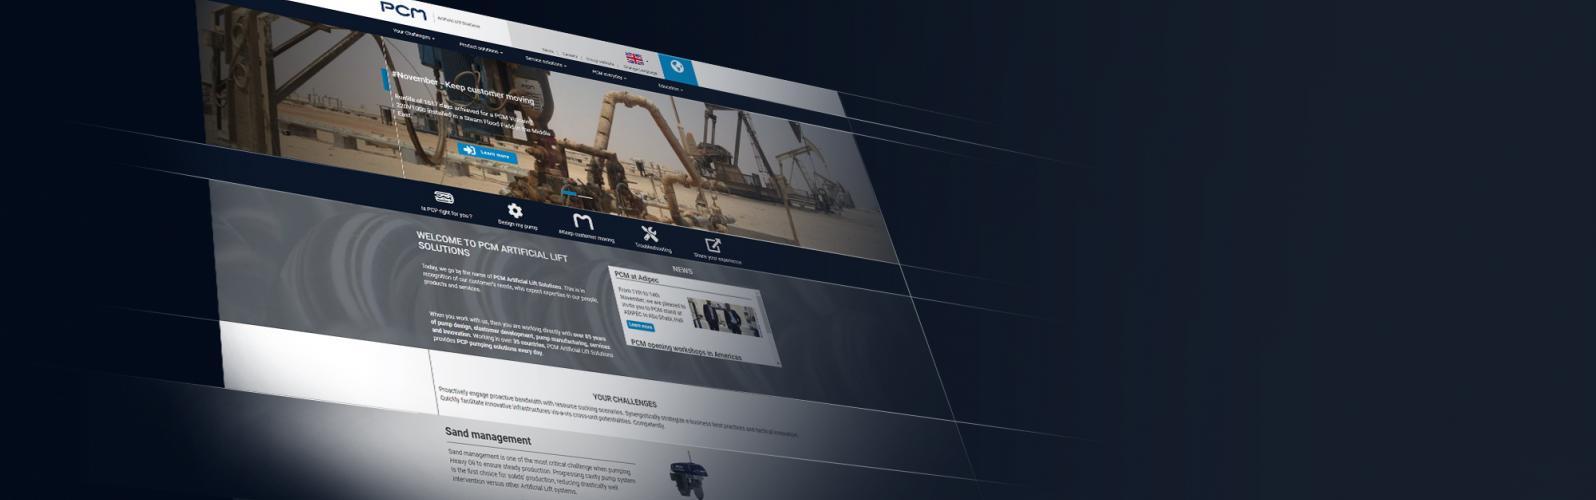 Мы рады сообщить о запуске нового сайта artificial lift. Приглашаем Вас посетить его